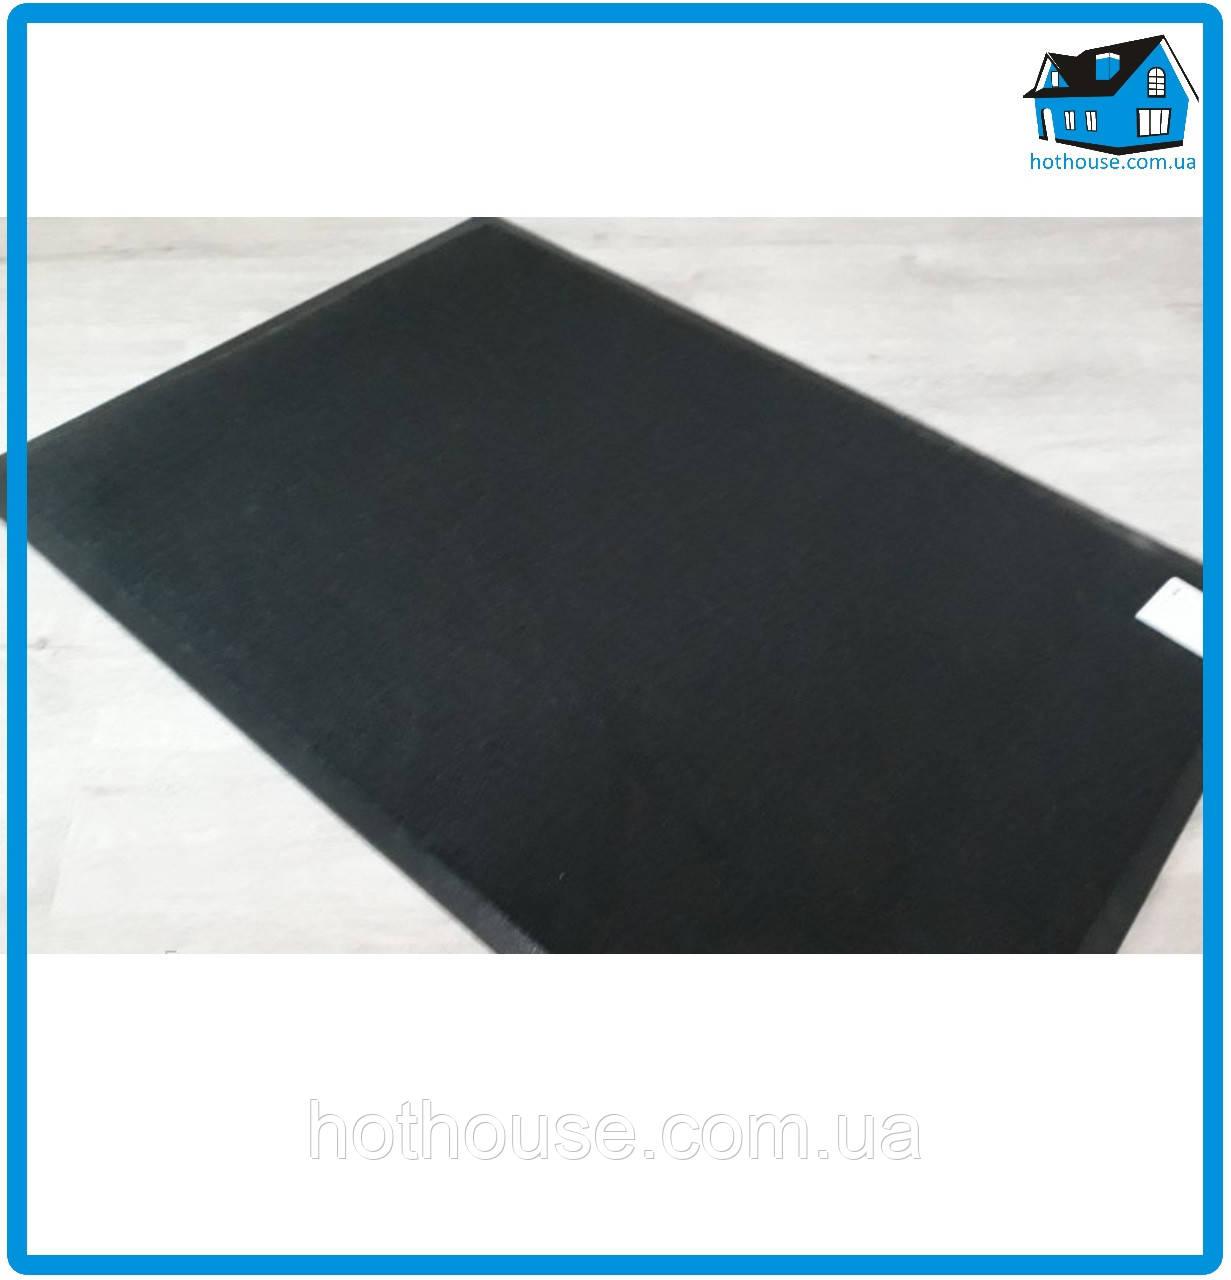 Коврик придверный с ворсовым покрытием 50*75*0.4 см